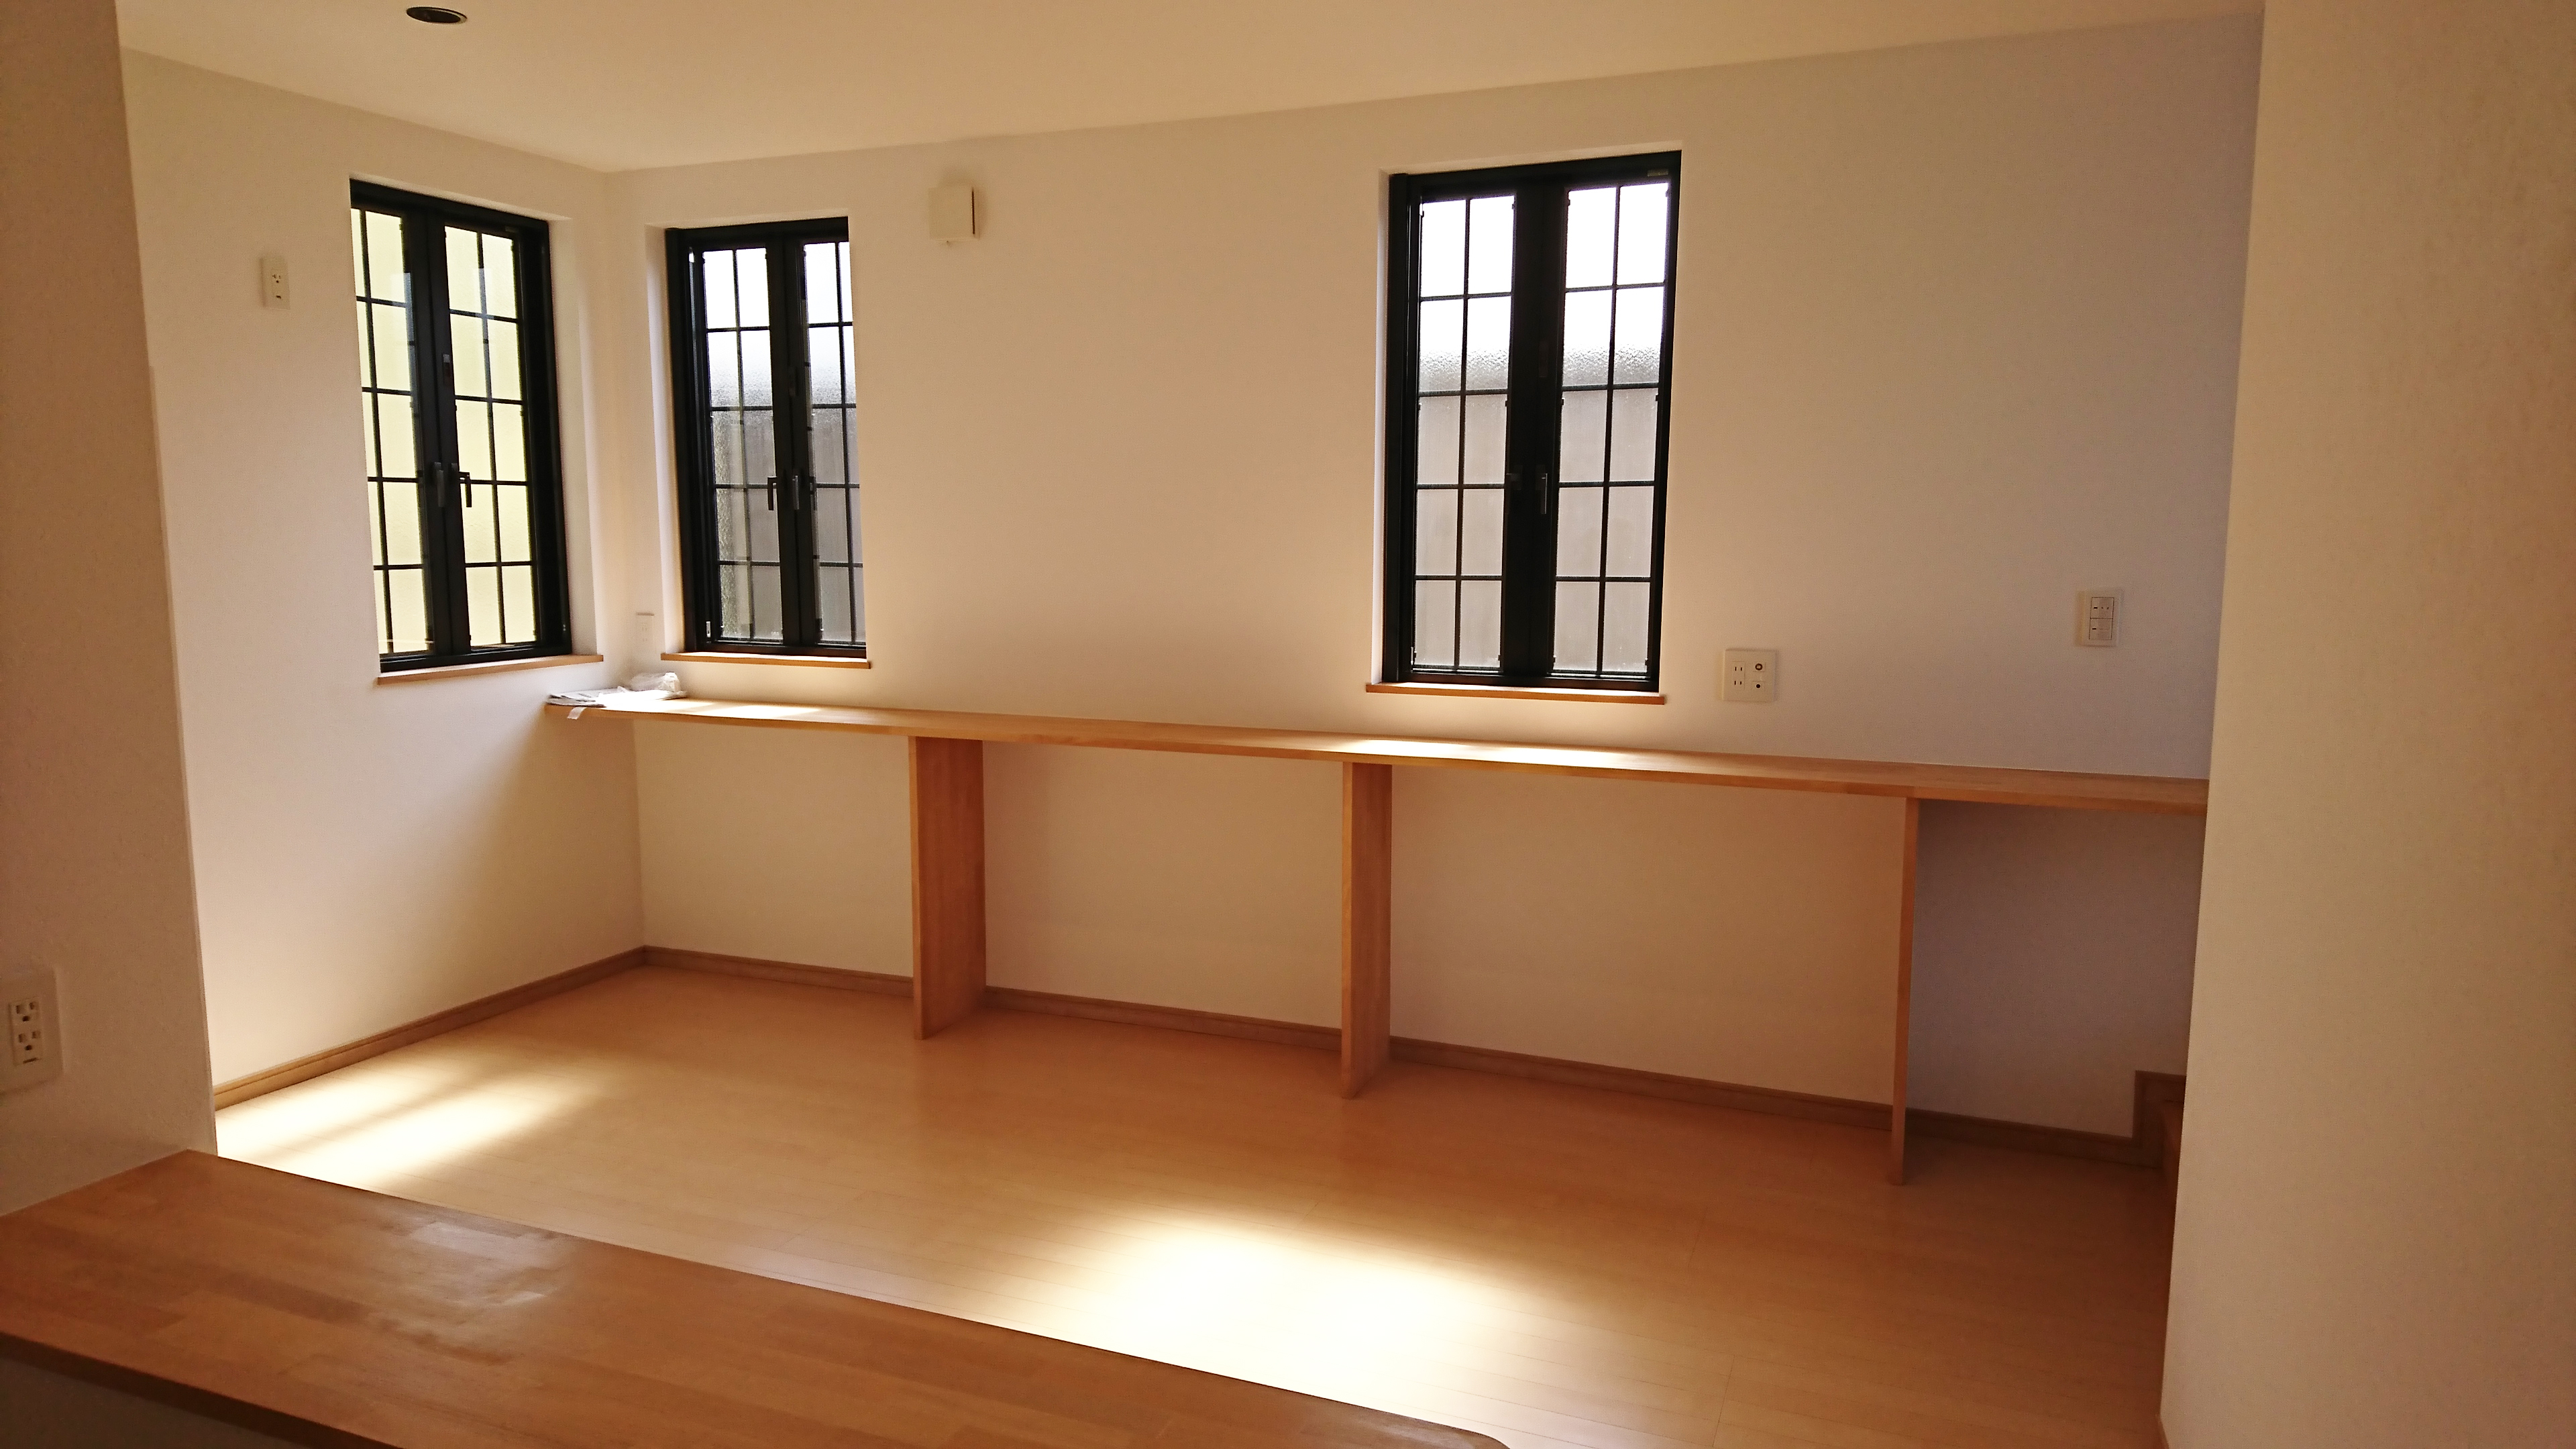 賃貸ワンルーム「villa NT1366」の室内の様子です